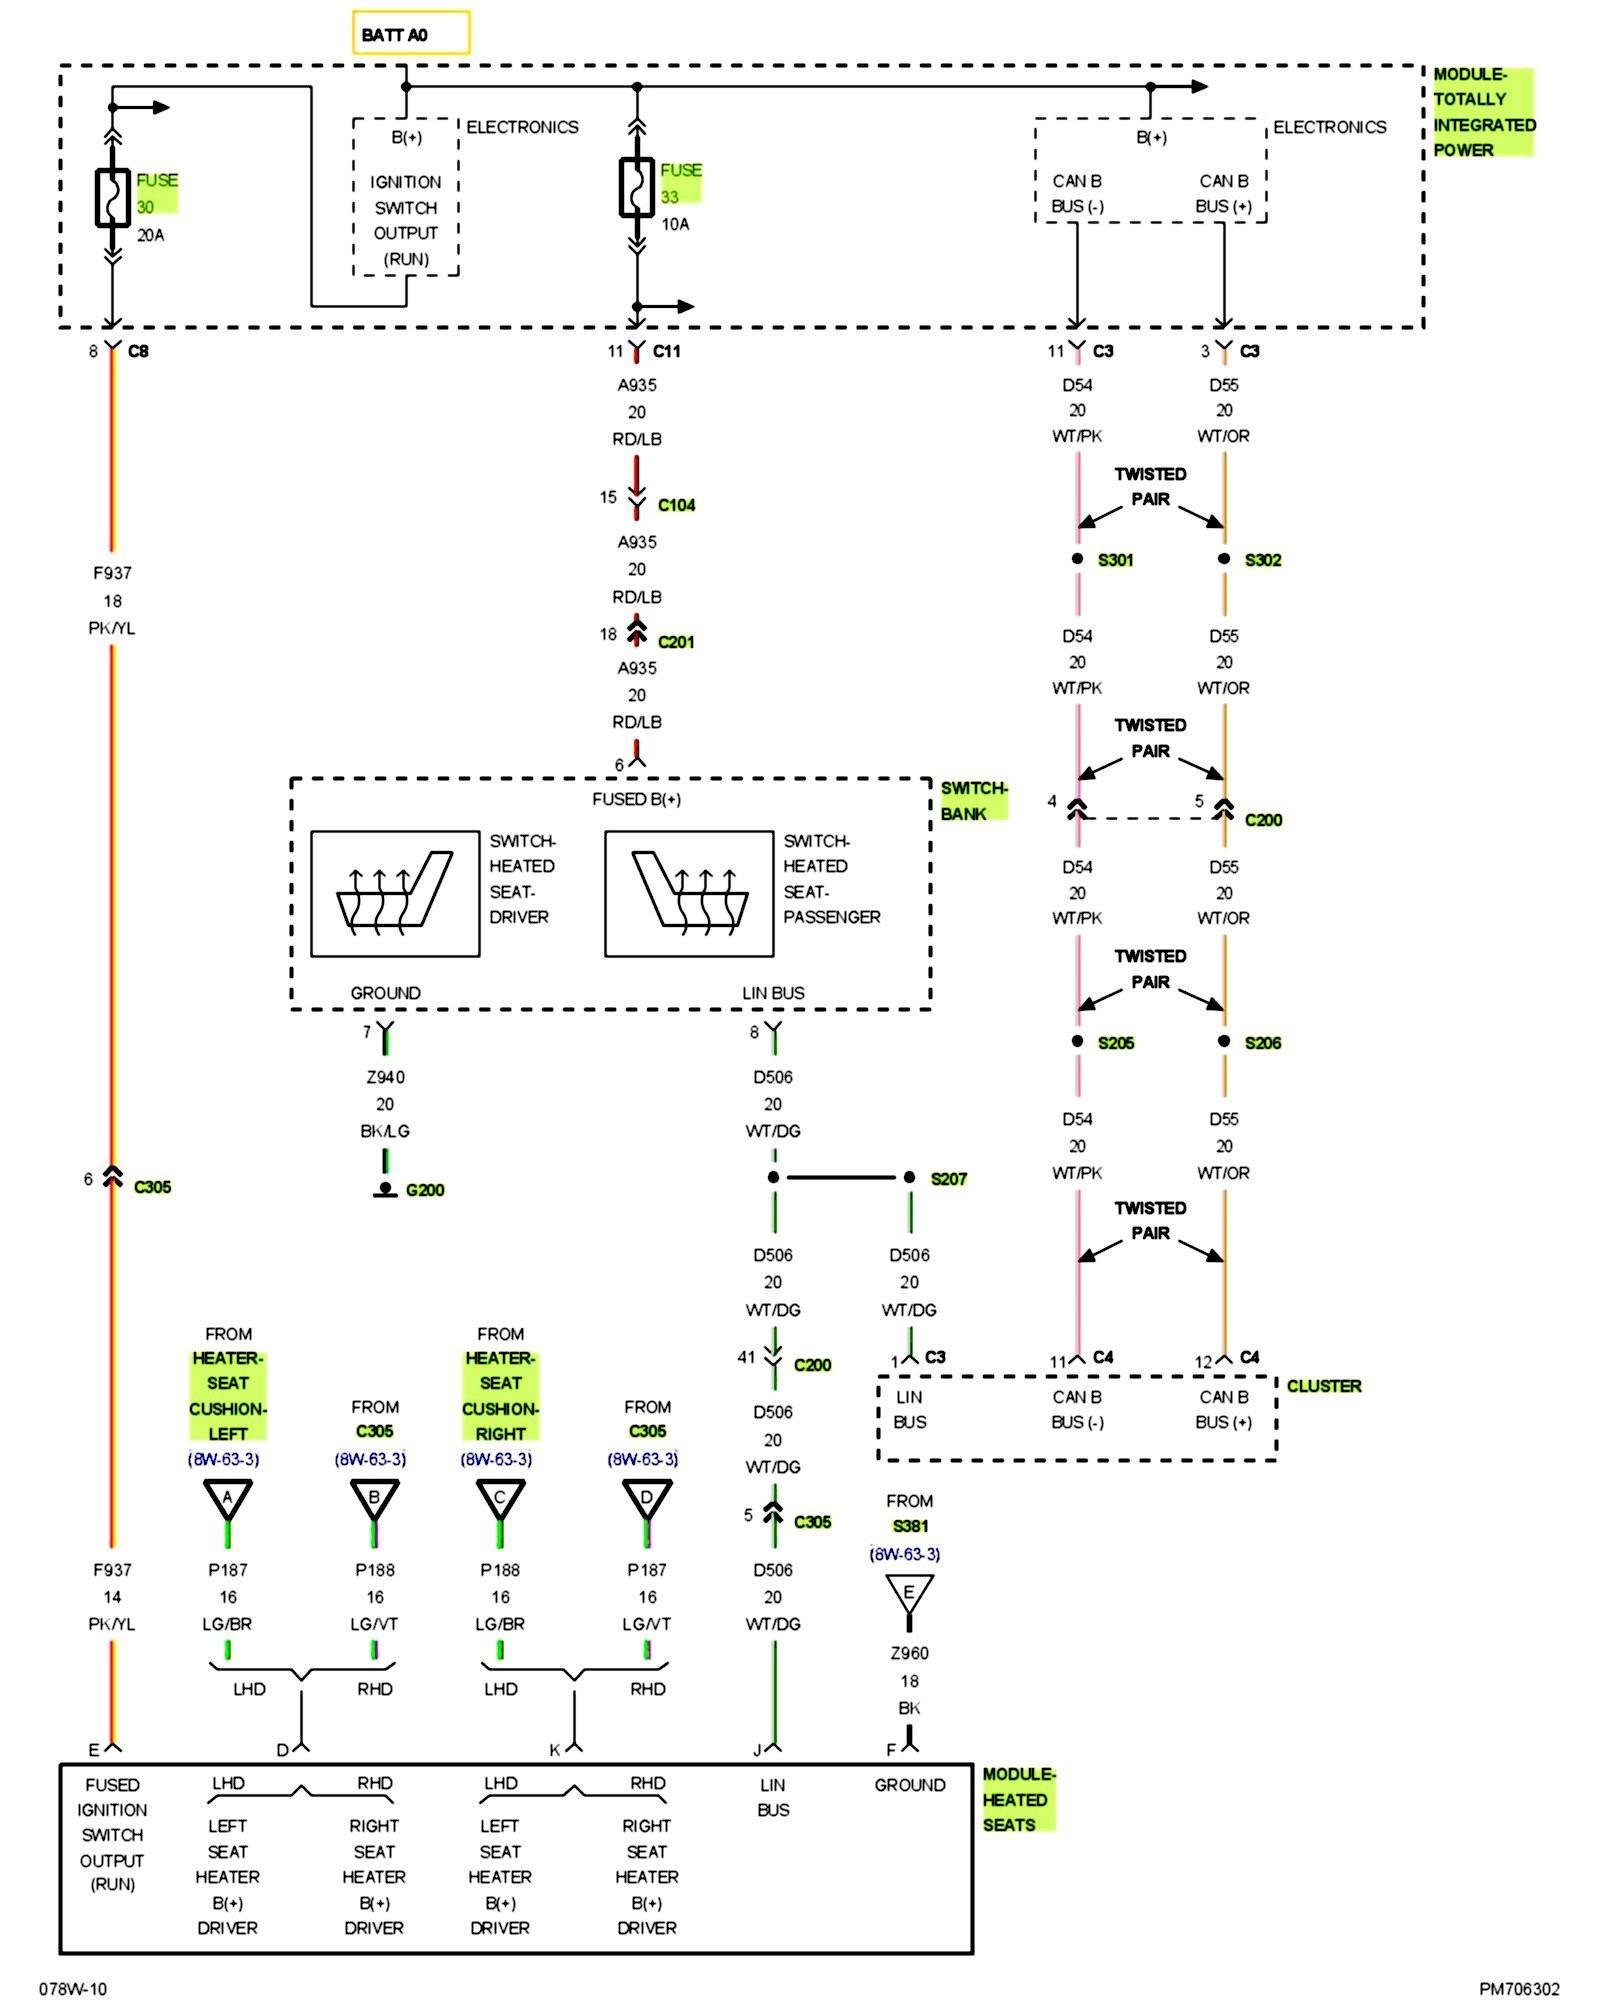 ho_1239] 2007 dodge caliber fuse box diagram along with 2007 dodge caliber  fuse free diagram  pelap effl ructi indi egre ymoon frag pical isop benkeme mohammedshrine  librar wiring 101